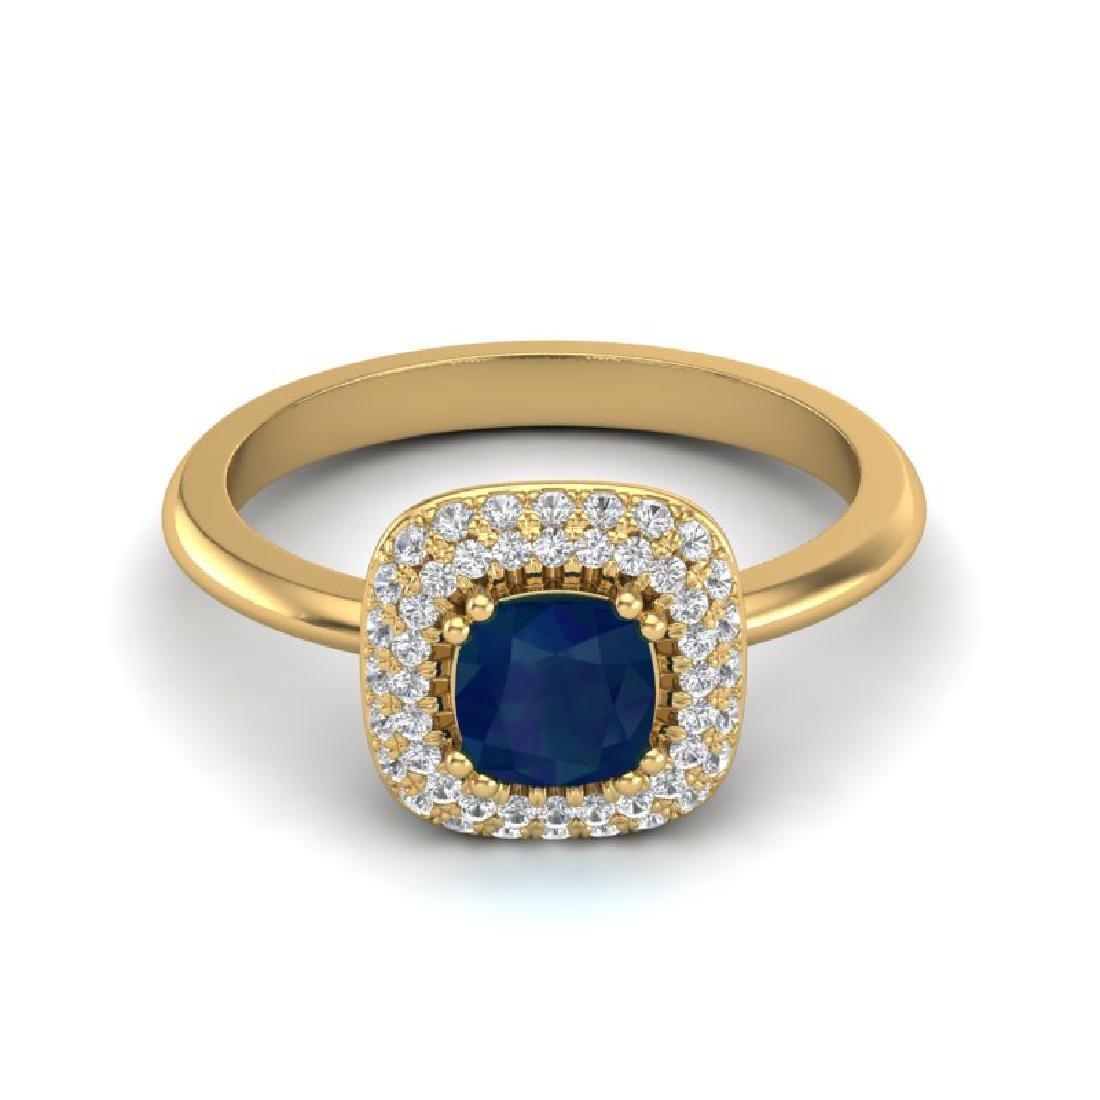 1.16 CTW Sapphire & Micro VS/SI Diamond Ring Solitaire